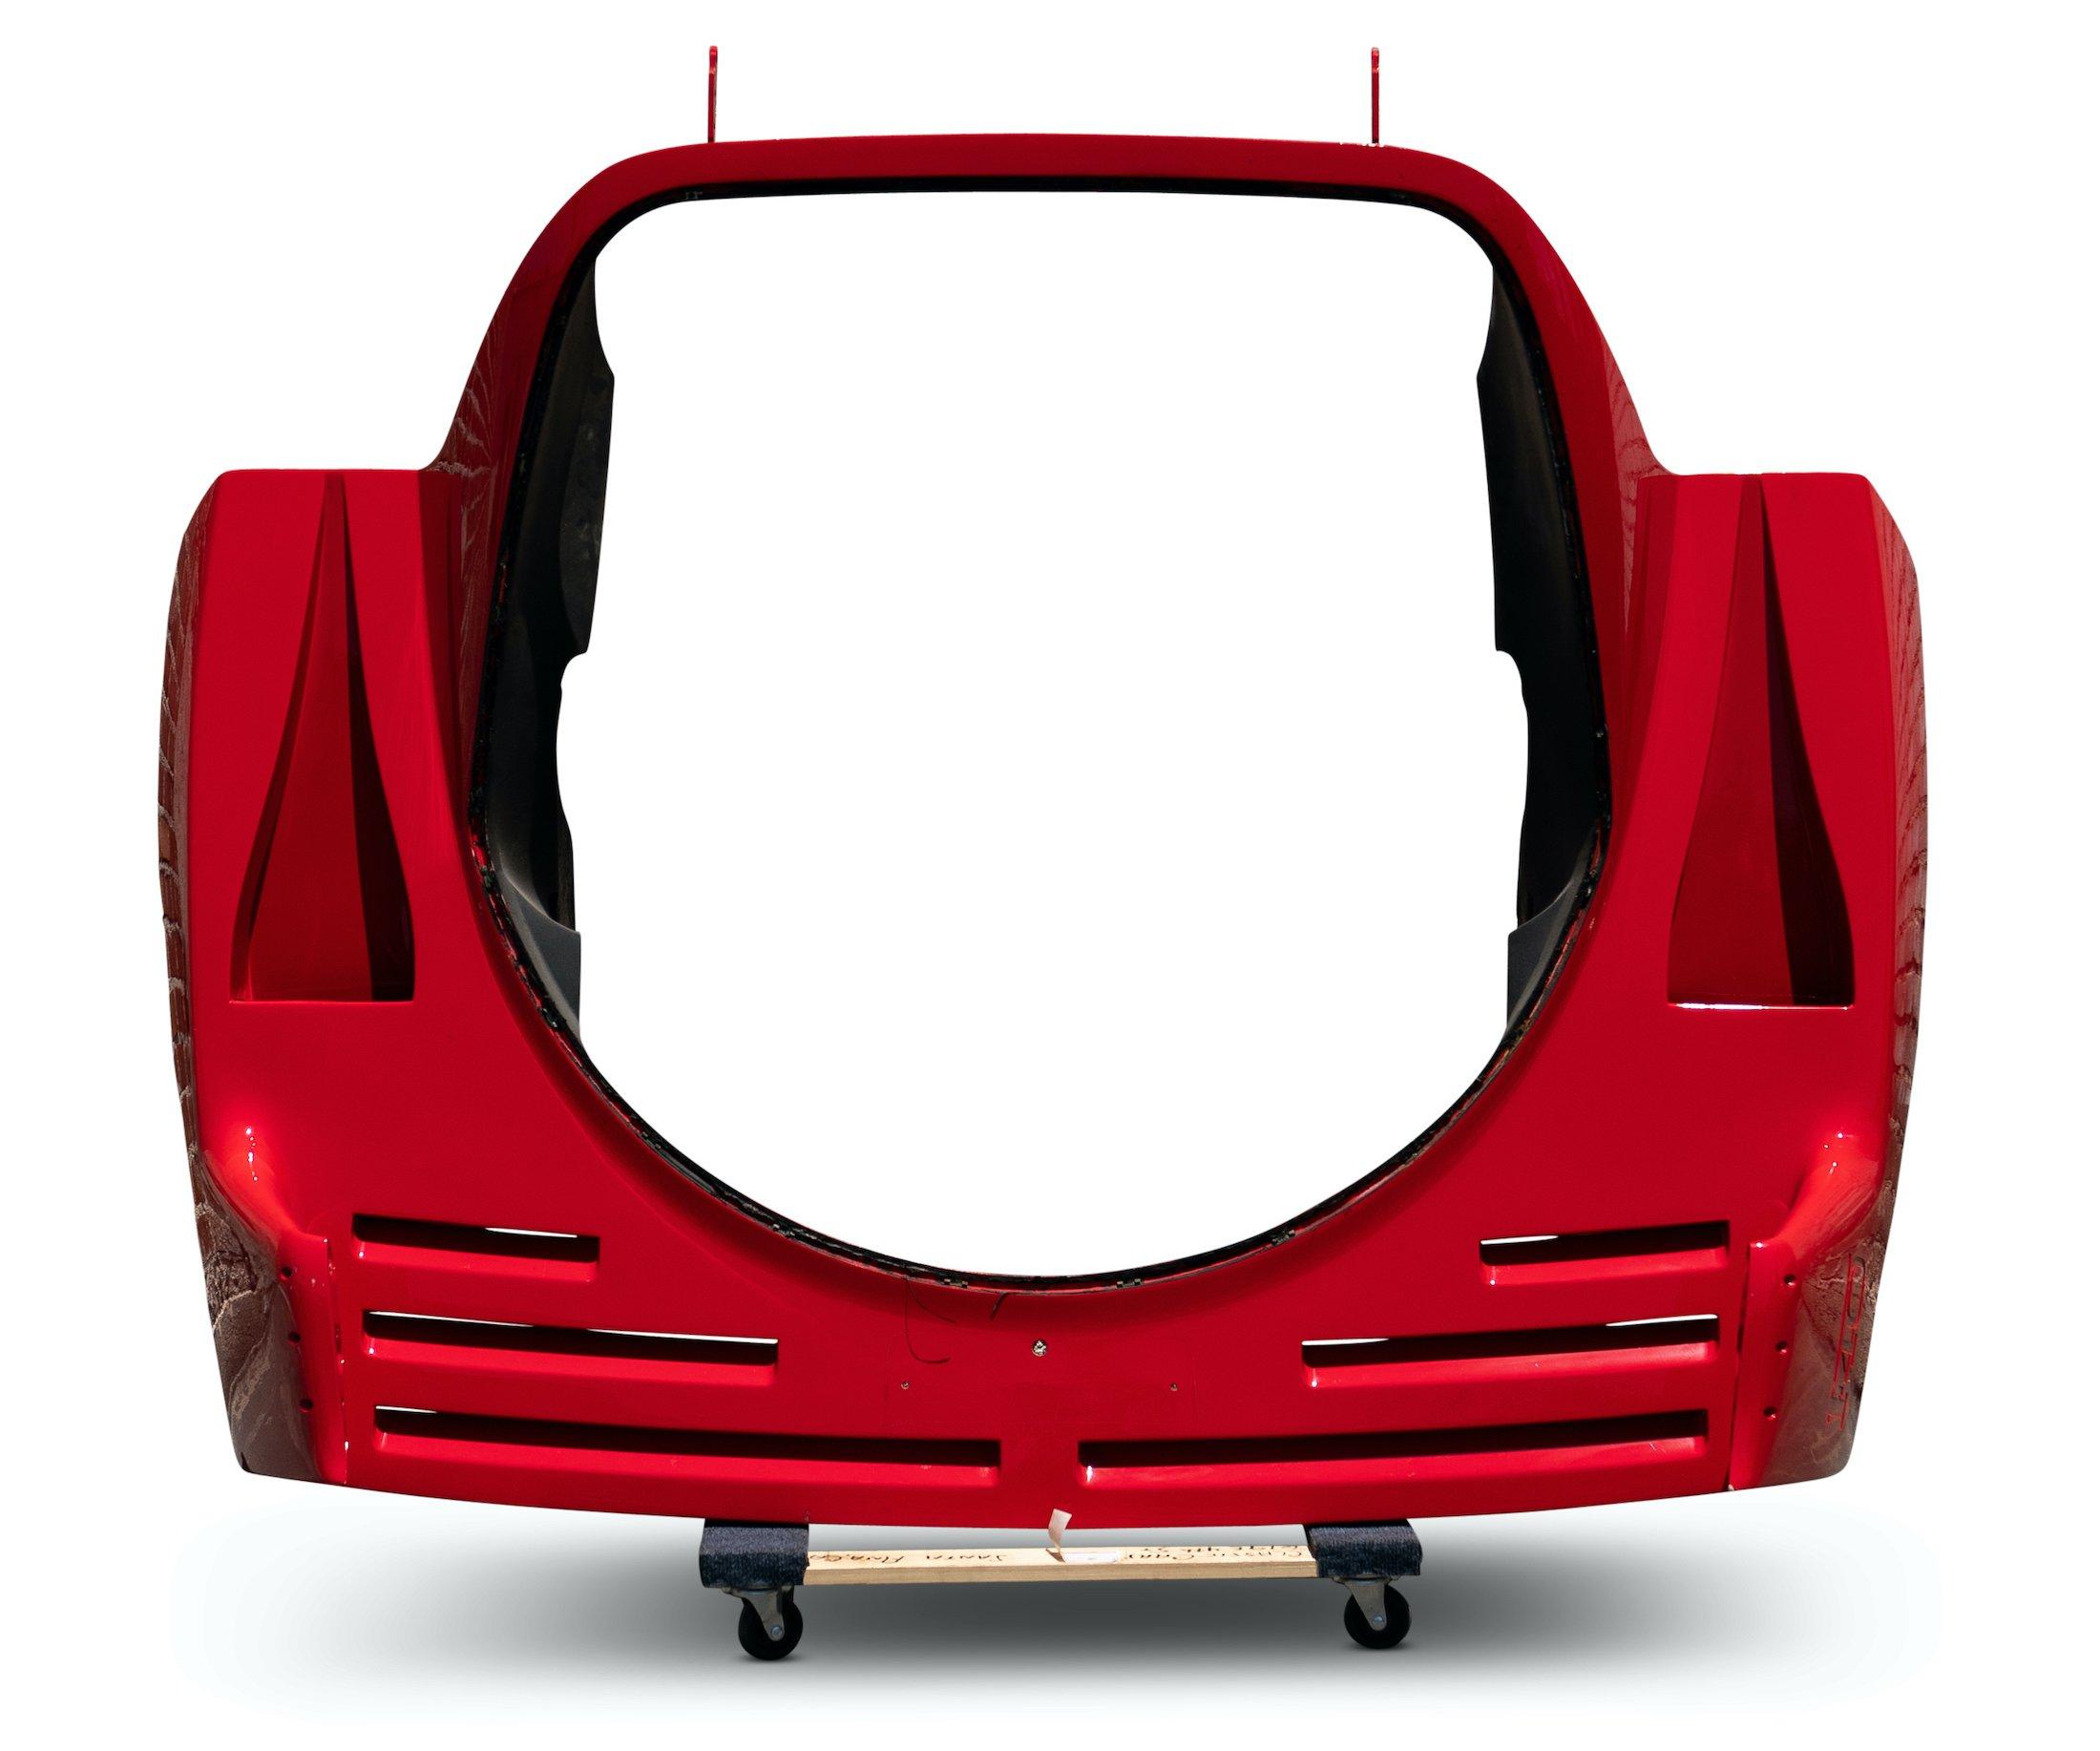 Ferrari F40 Rear Decklid